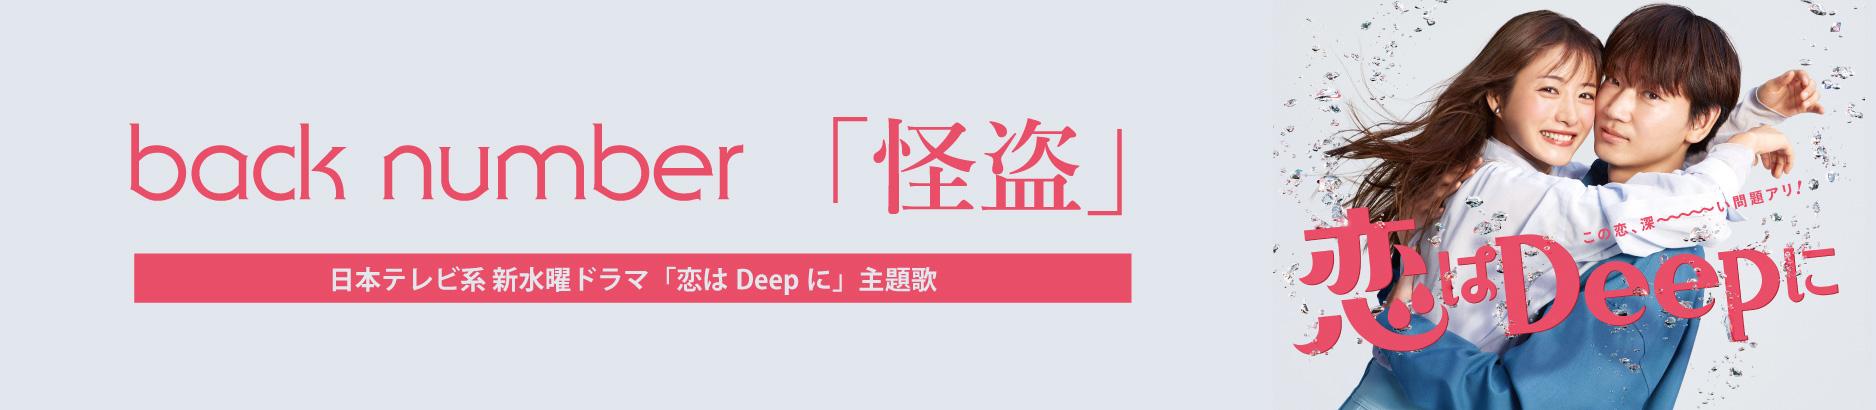 back number「怪盗」日本テレビ系 新水曜ドラマ「恋はDeepに」主題歌